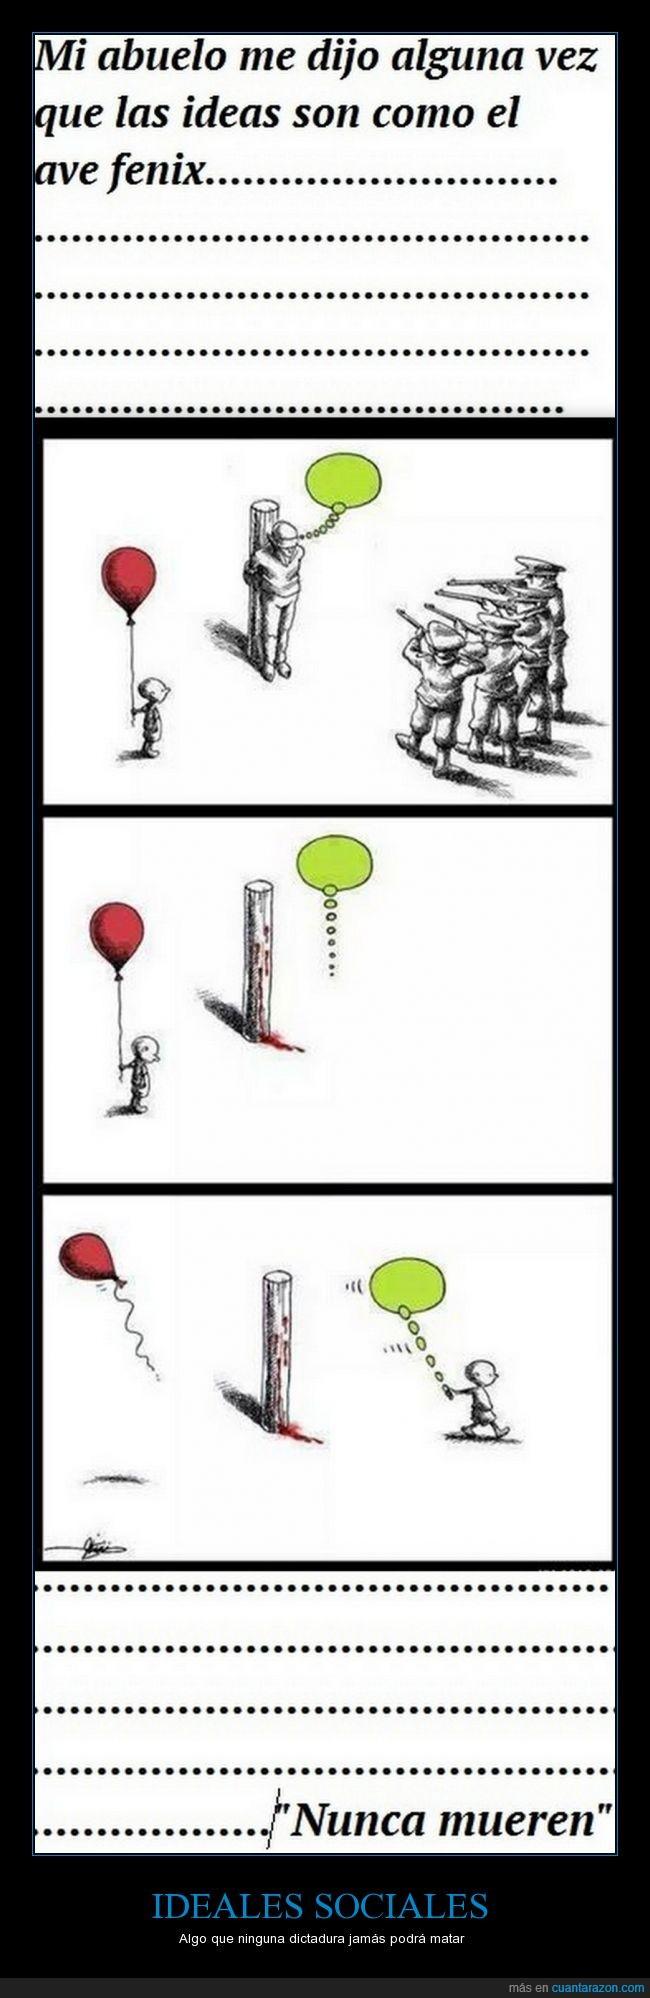 ave,dictadura,ejecutar,fenix,gobierno,idea,ideal,matar,niño,politica,pueblo